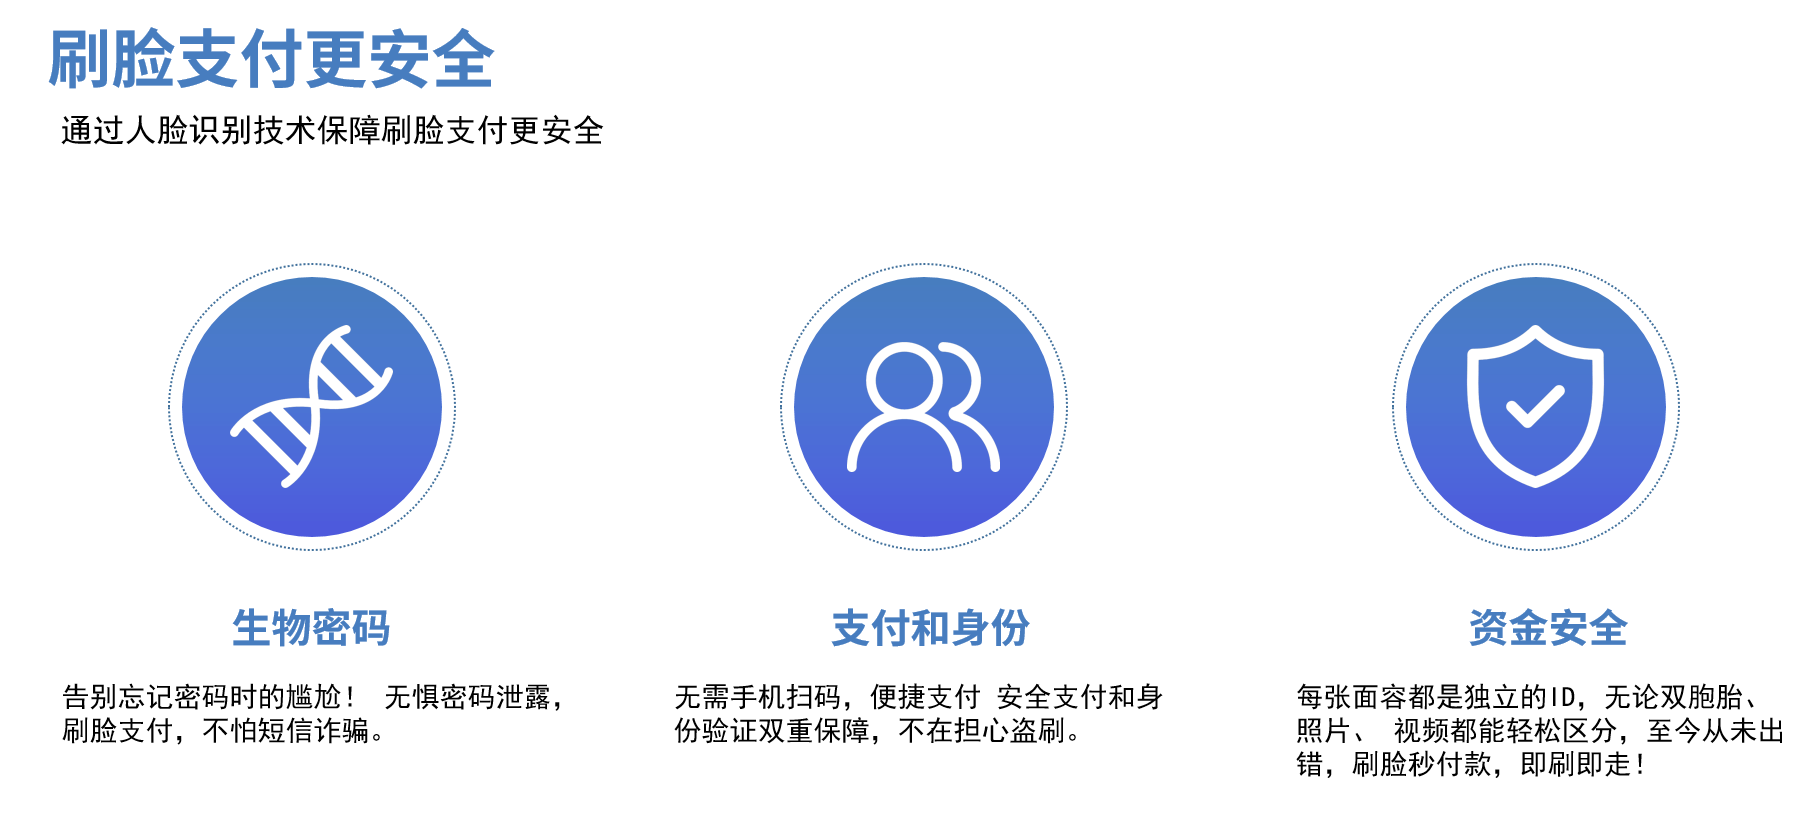 河南新支付加盟